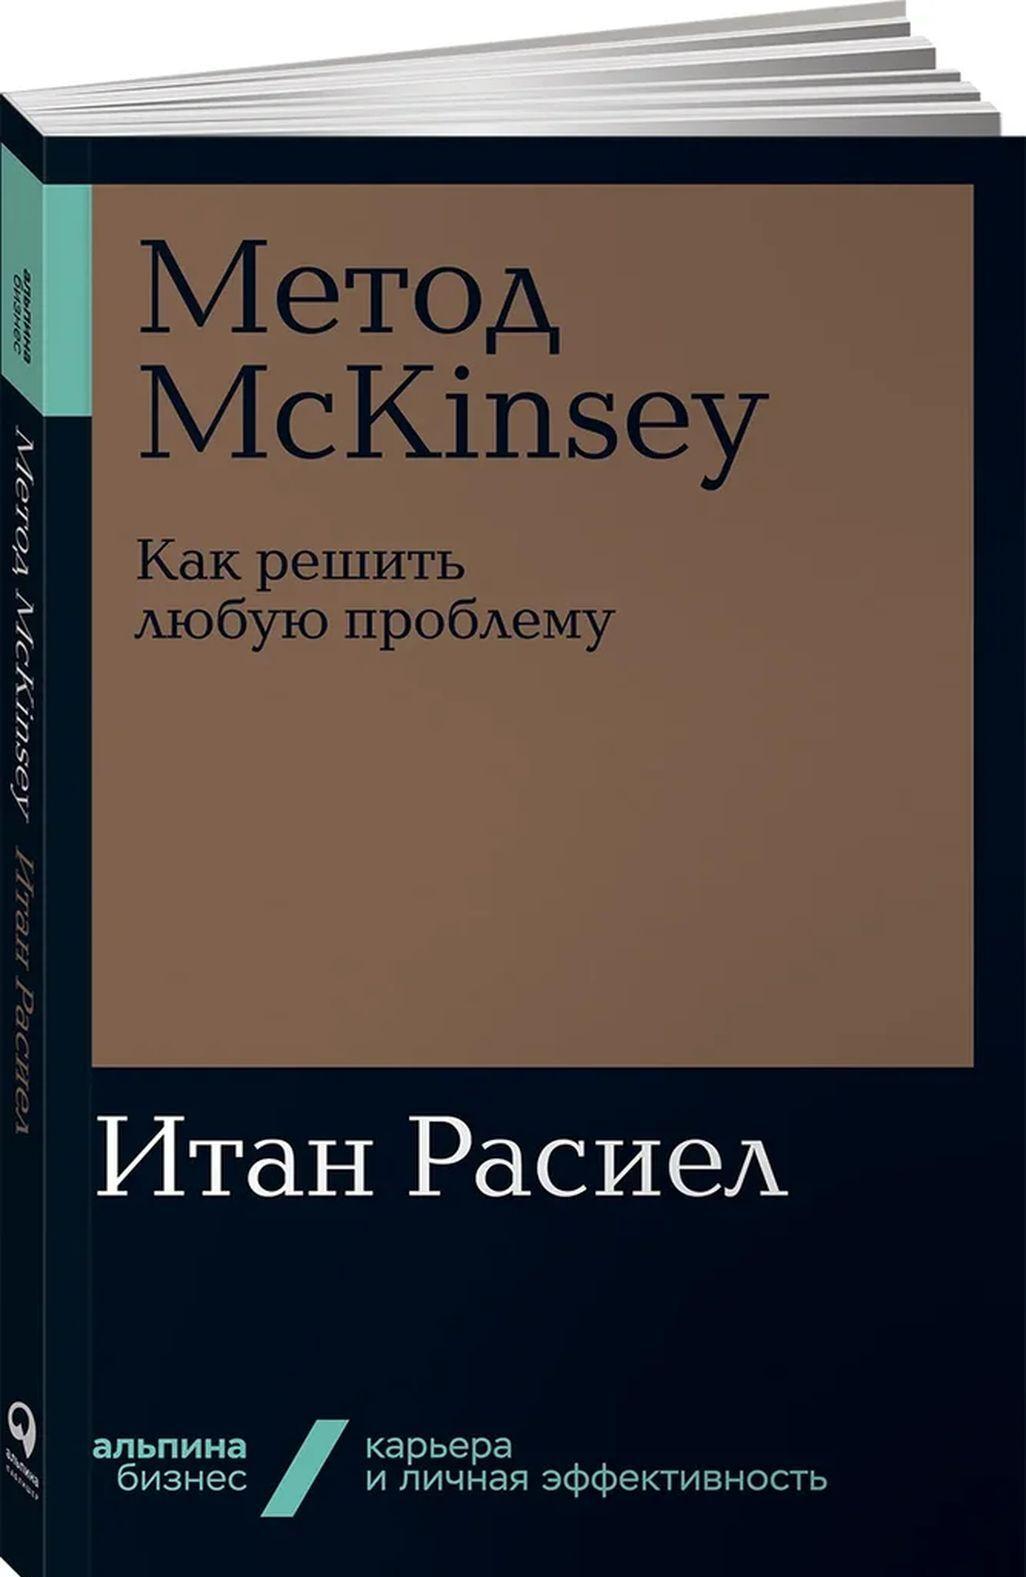 Metod McKinsey. kak reshit ljubuju problemu (poket-versija)